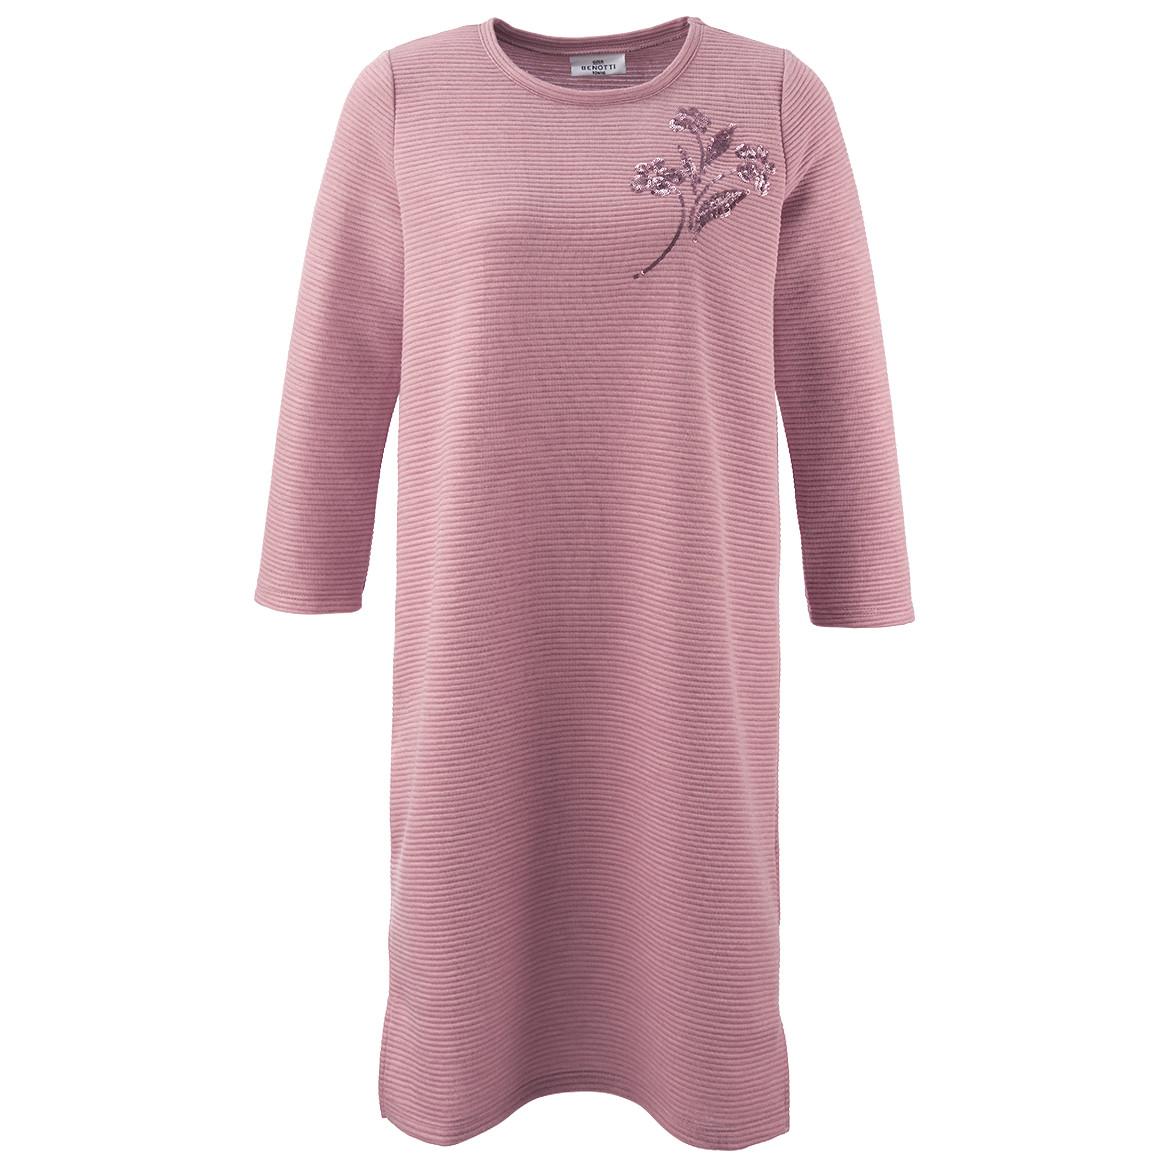 Damen Kleid mit Pailletten jetztbilligerkaufen